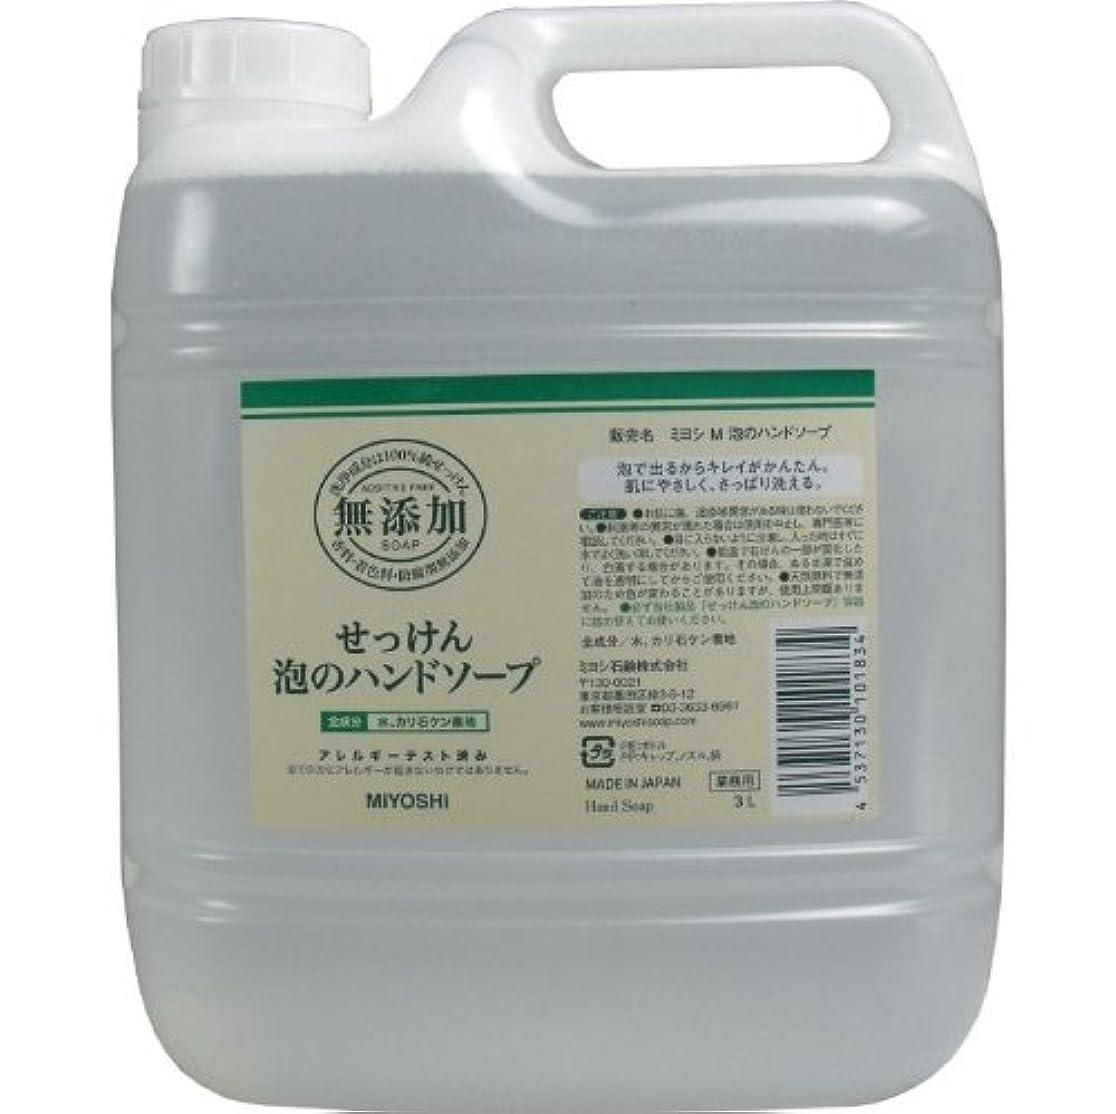 臨検本体音節泡で出るからキレイが簡単!家事の間のサッと洗いも簡単!香料、着色料、防腐剤無添加!(業務用)3L【5個セット】